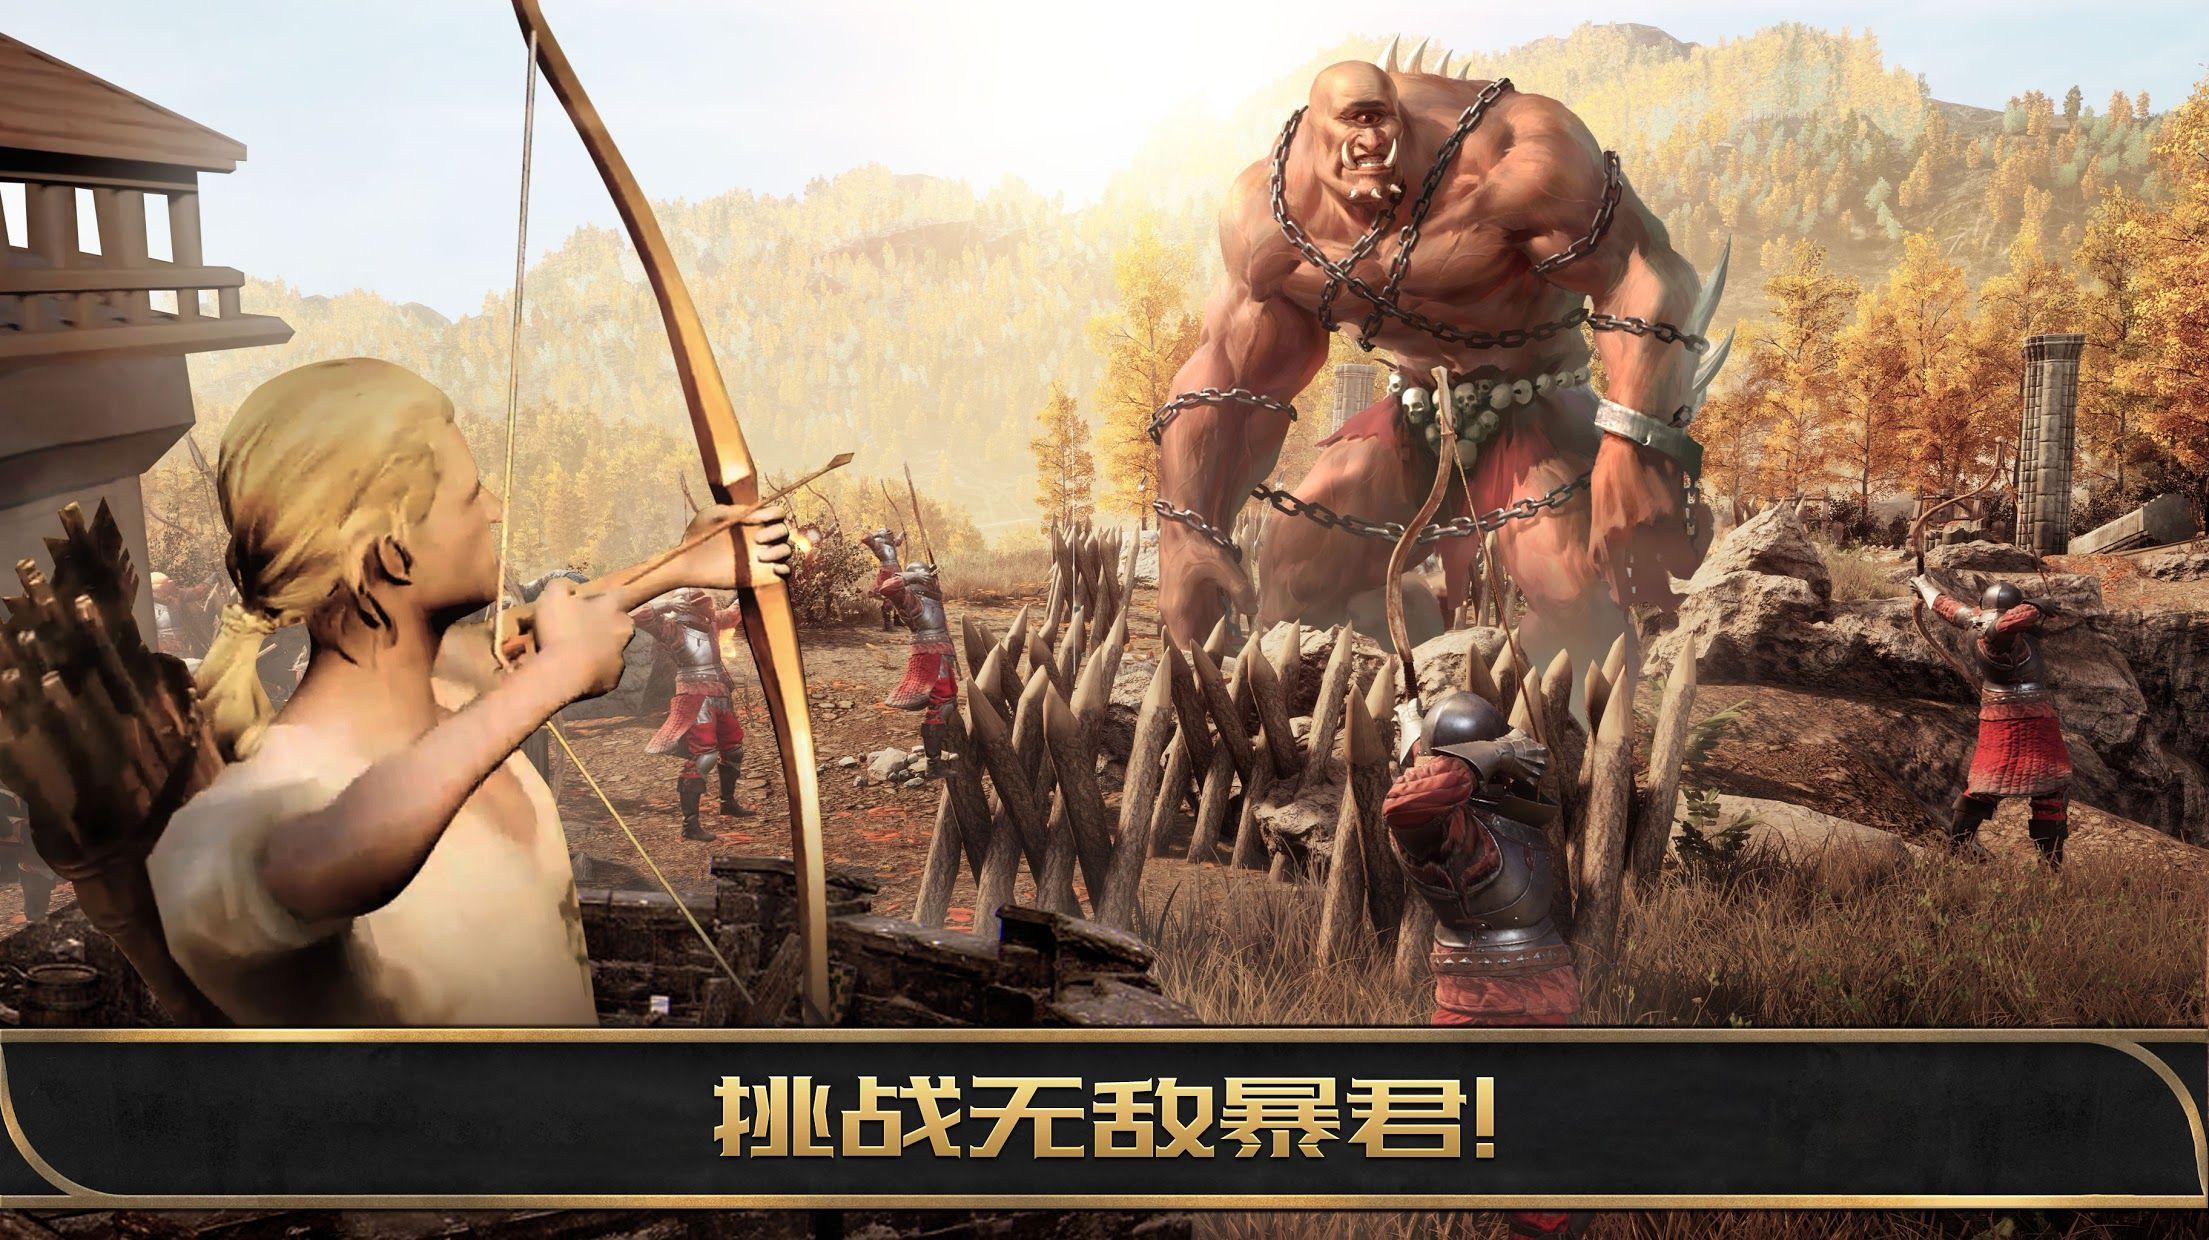 阿瓦隆之王:龙之战役(KOA) 游戏截图4